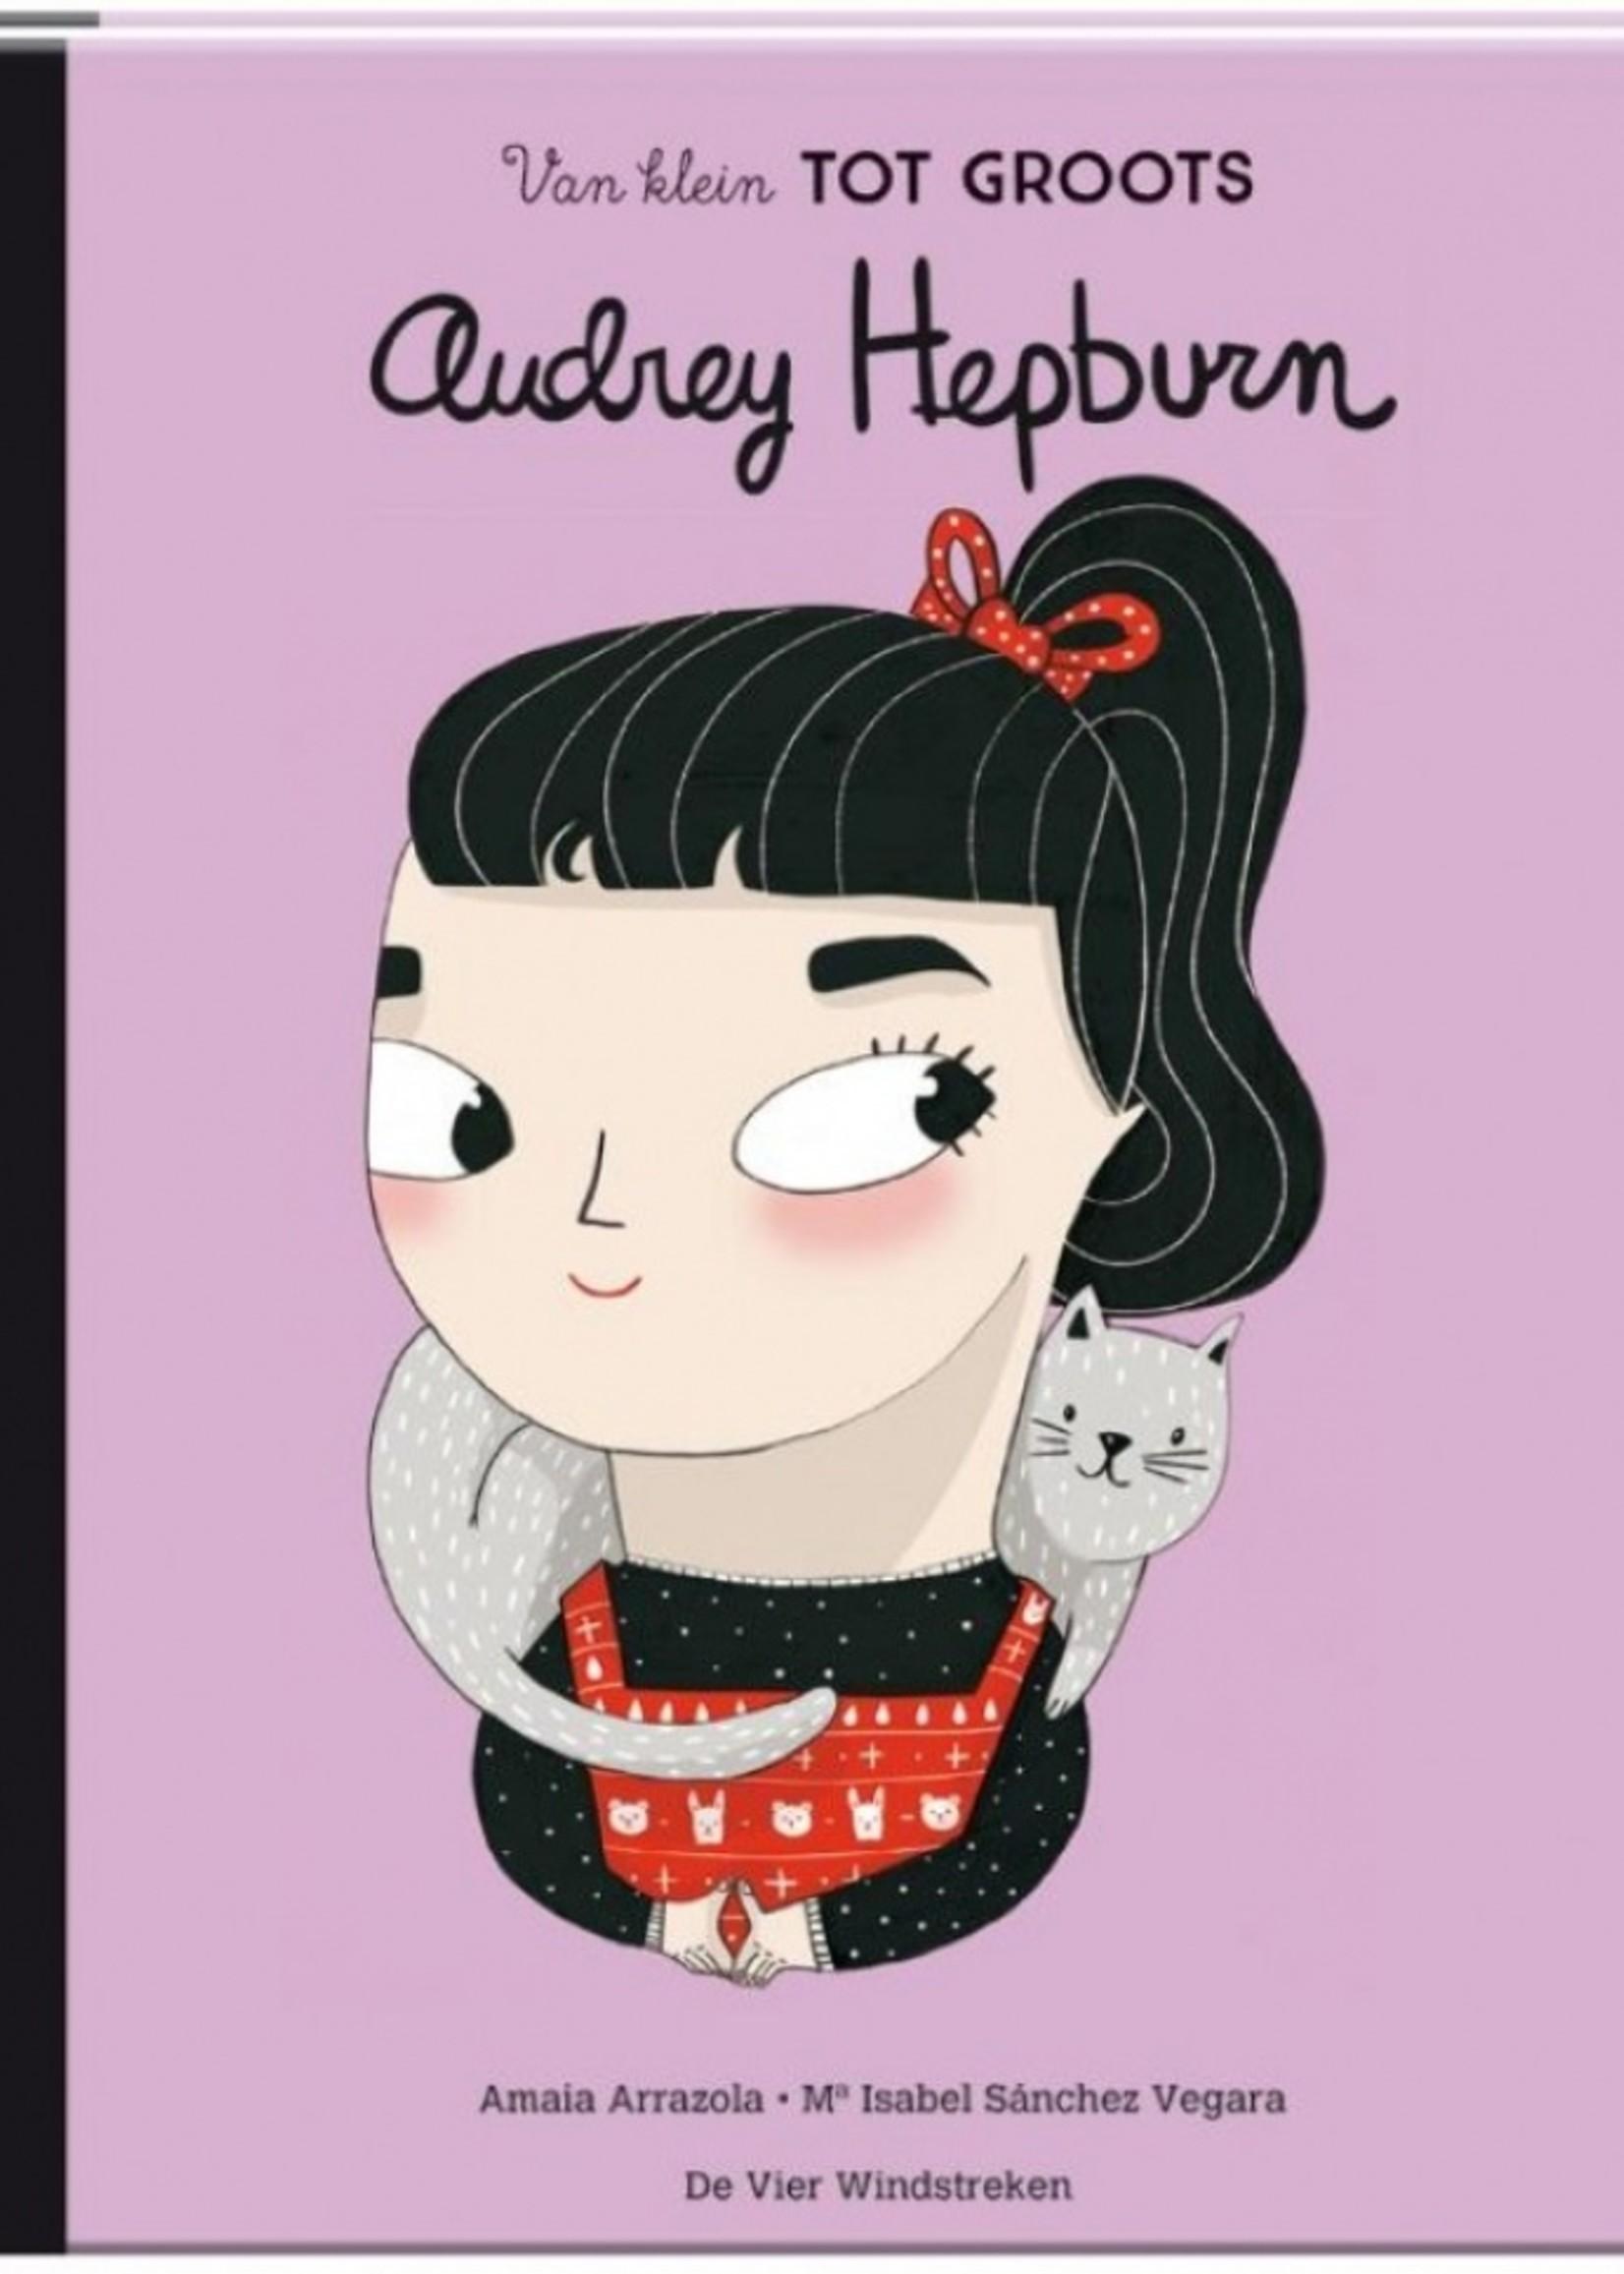 Boek - Van klein tot groots - Audrey Hepburn